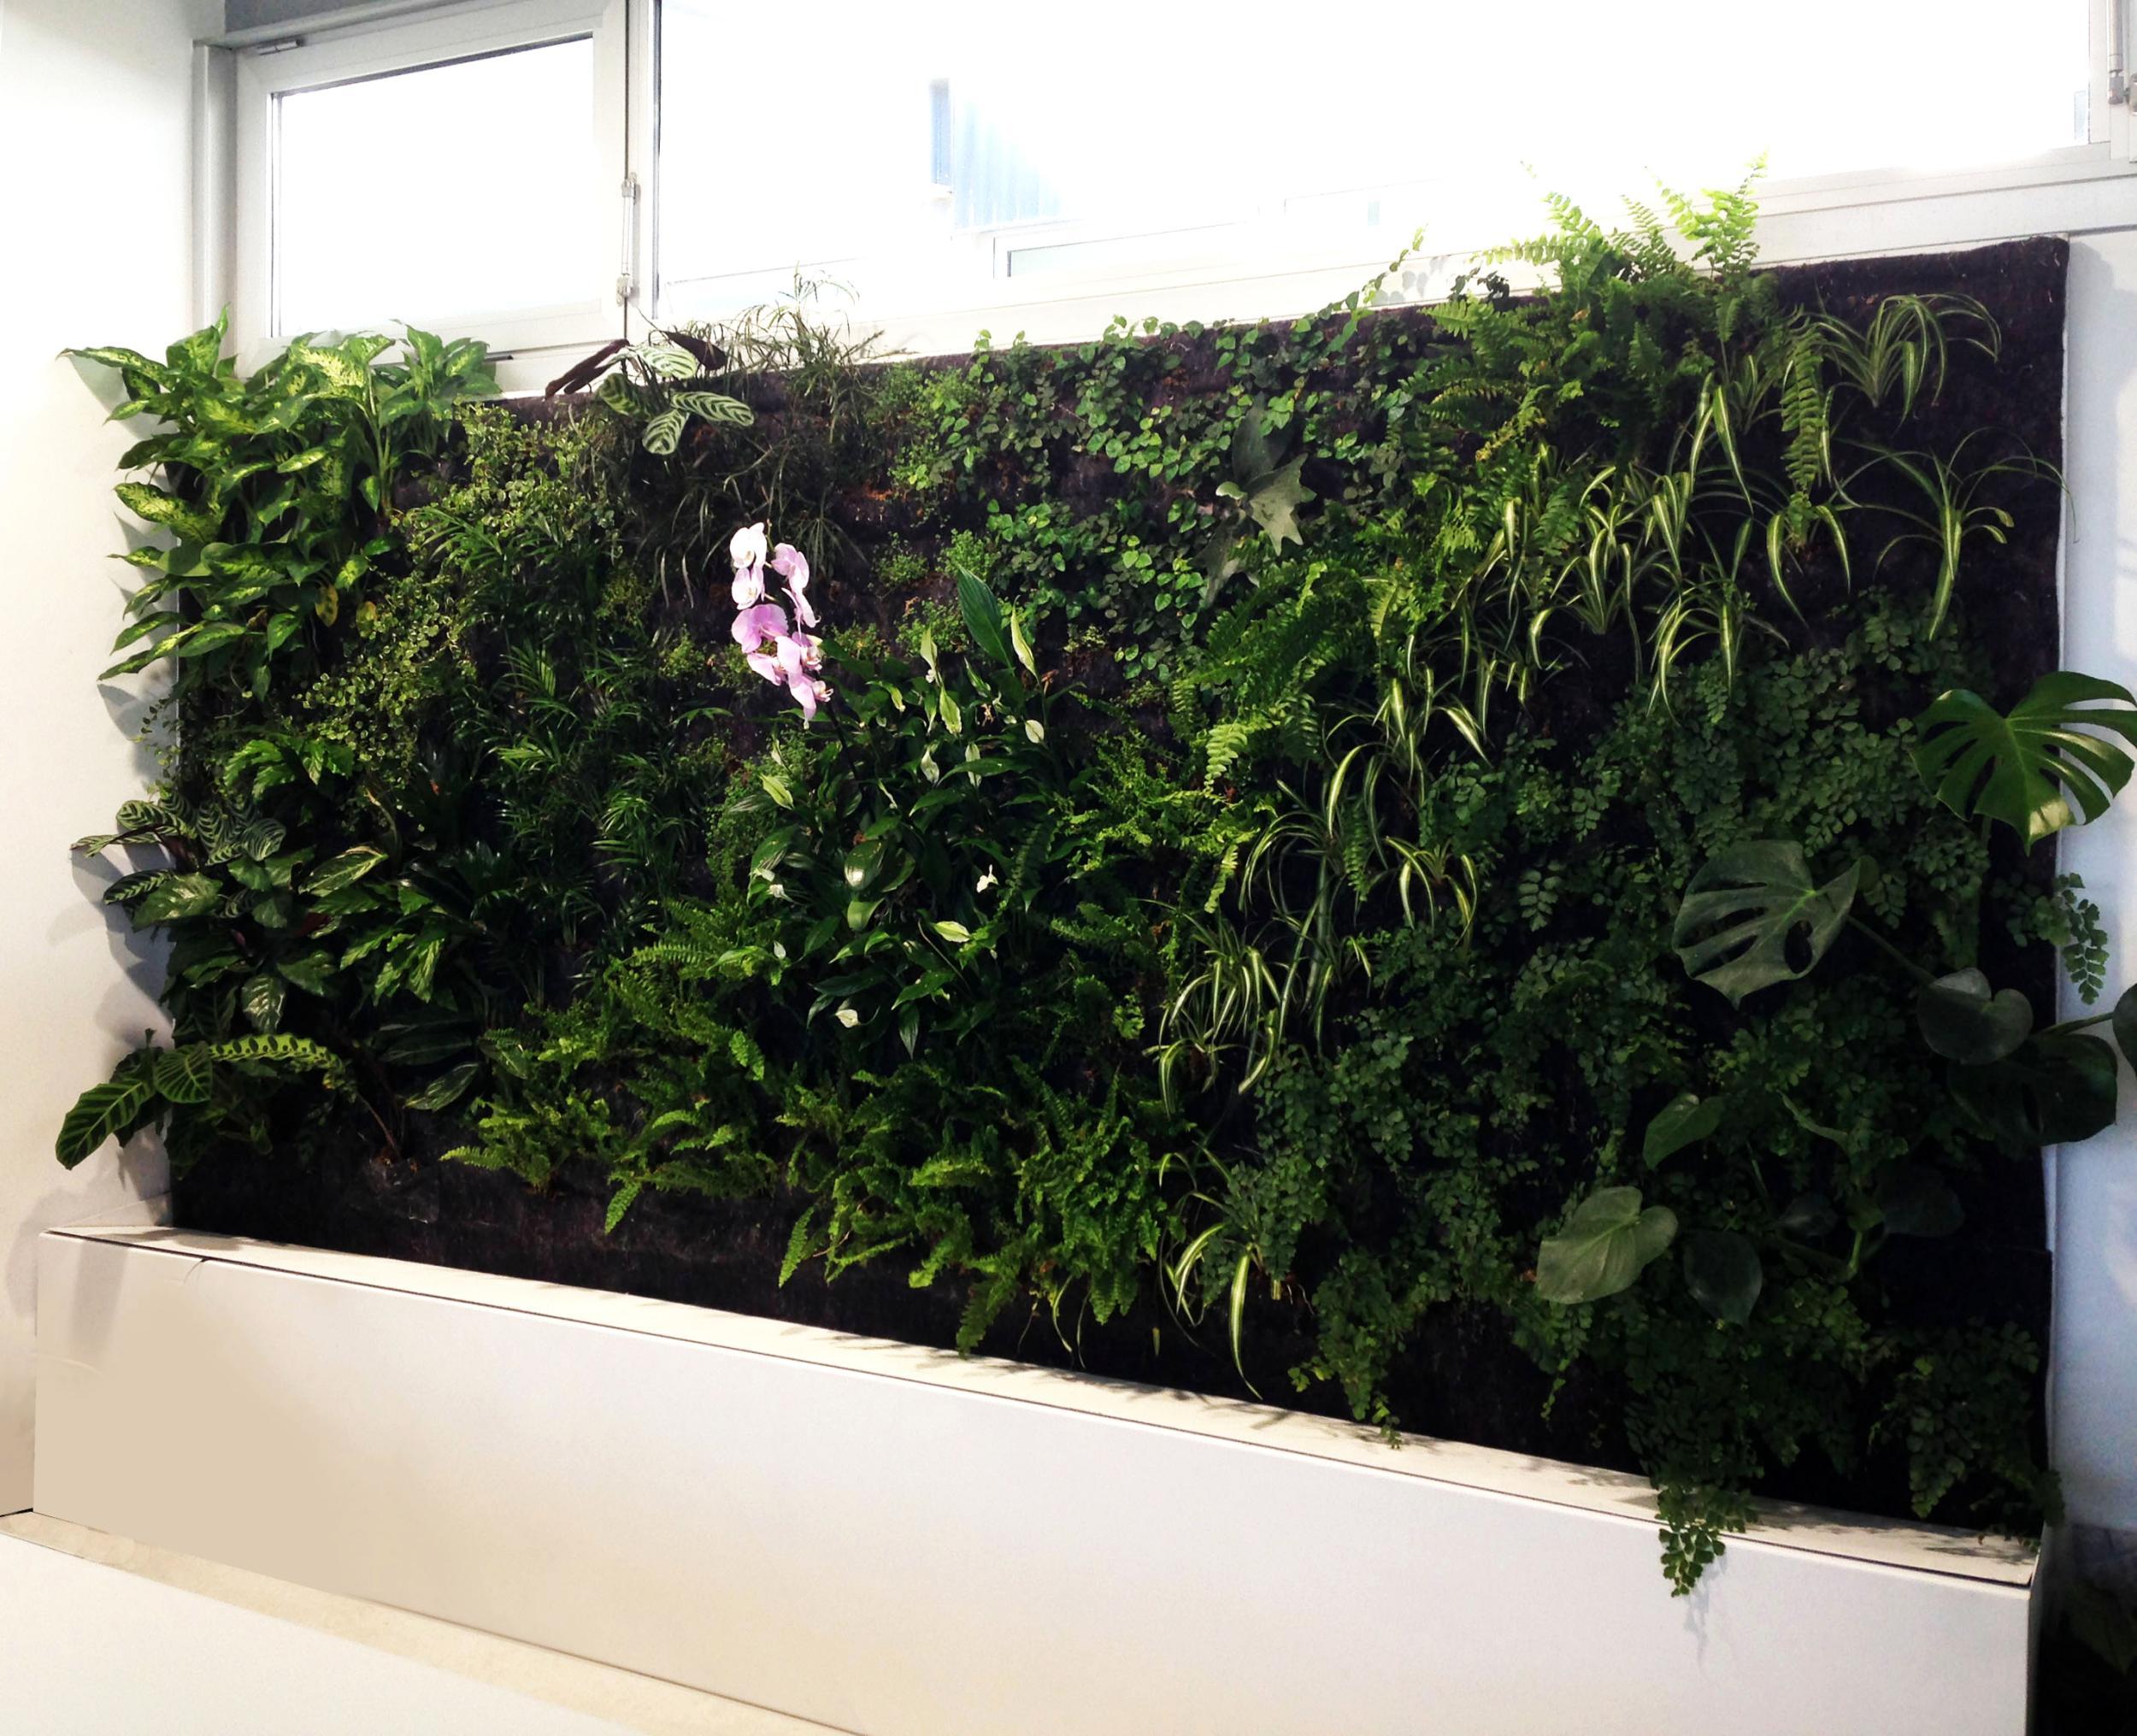 Jard n vertical en nuestra nueva oficina - Plantas para jardines verticales ...